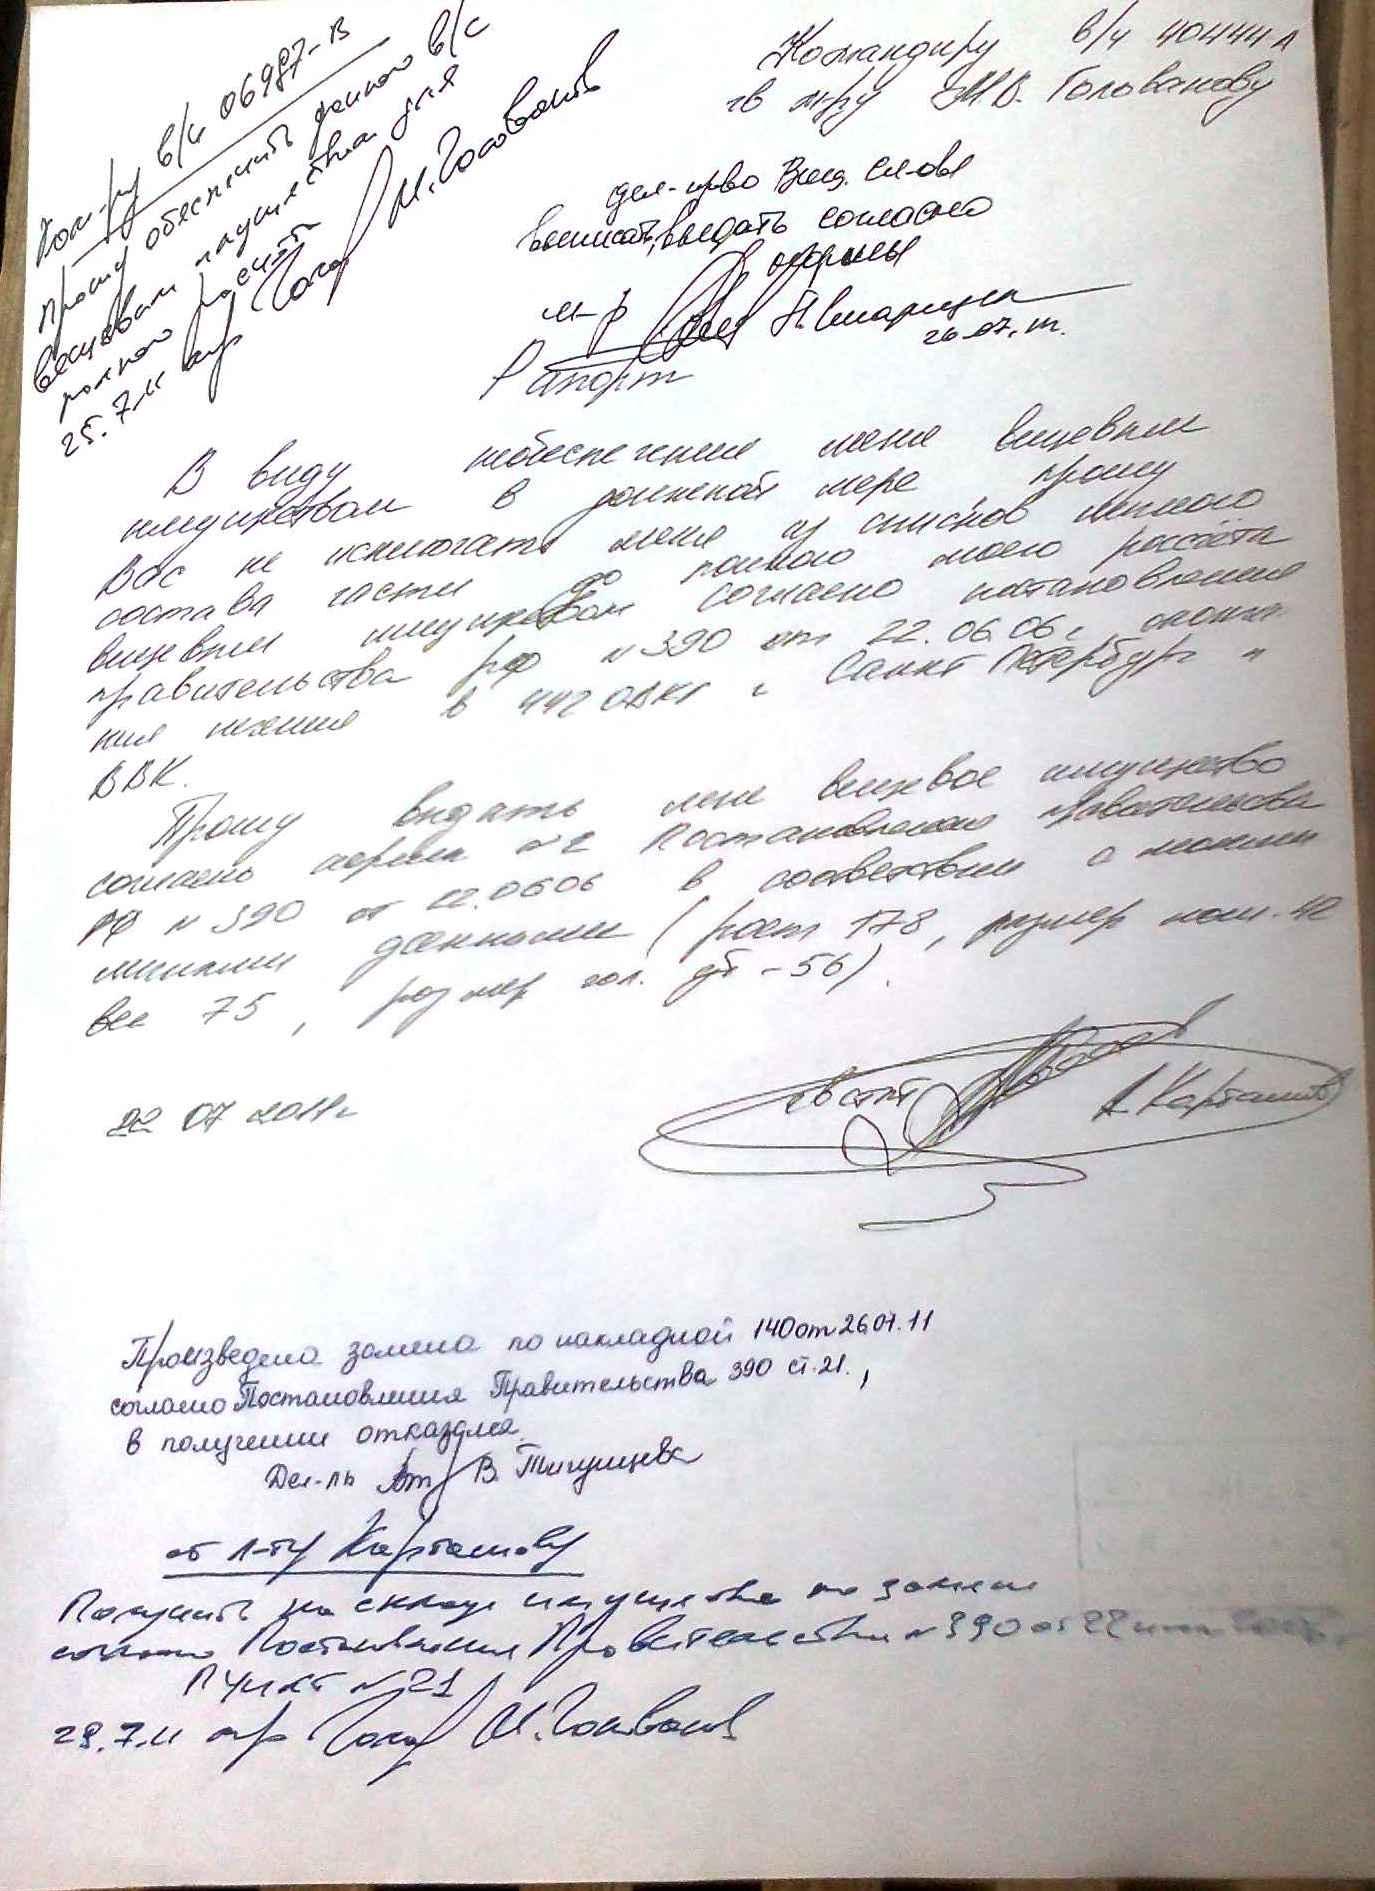 адресу: могу ли я пройти ввк после окончания контракта Майданов Мама: Текст